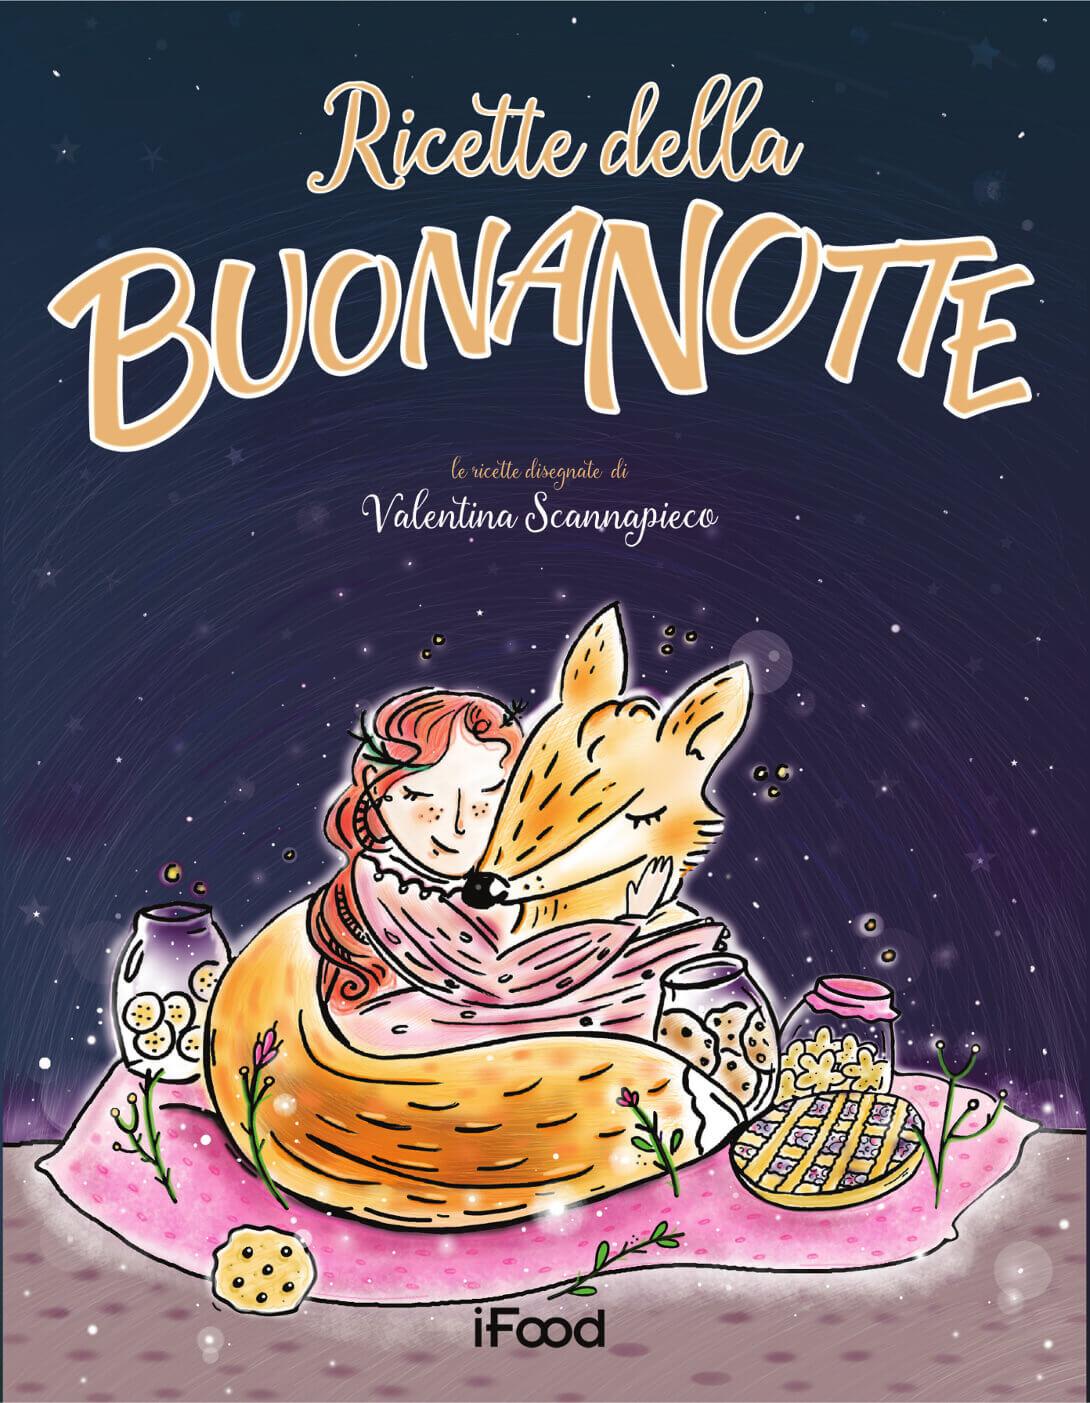 libro ricette della buonanotte Valentina Scannapieco bambini